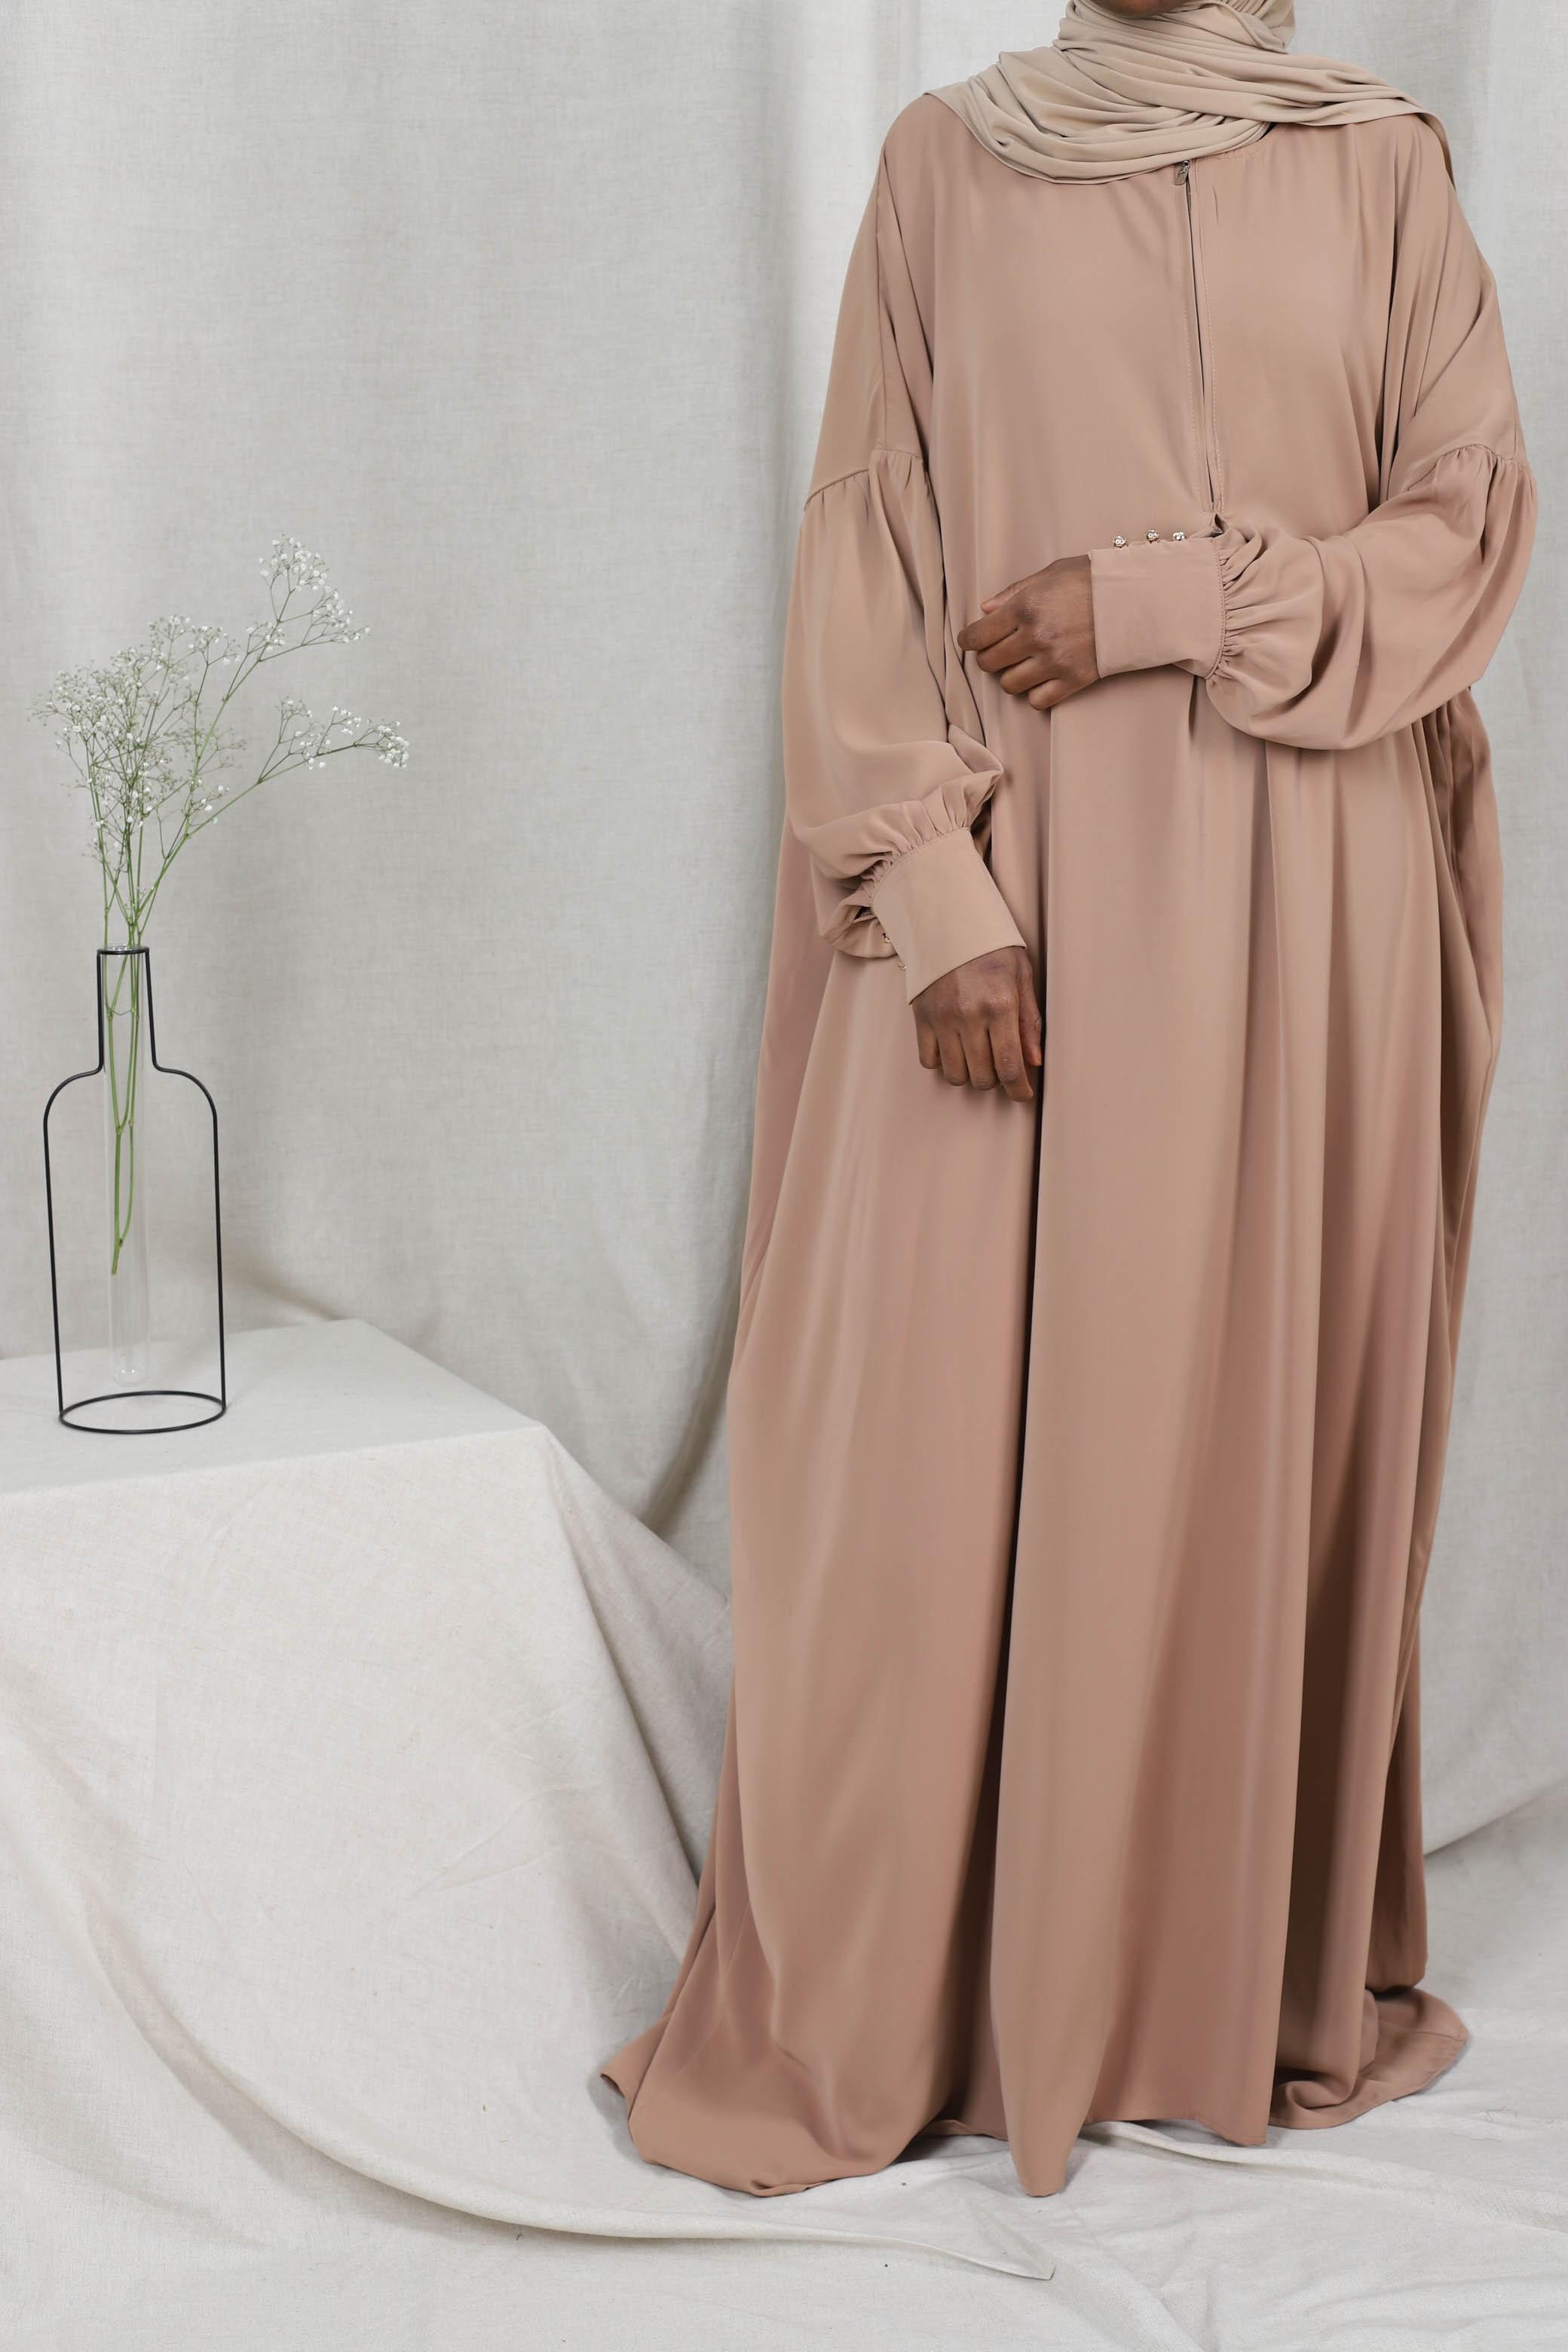 Abaya safiya camel